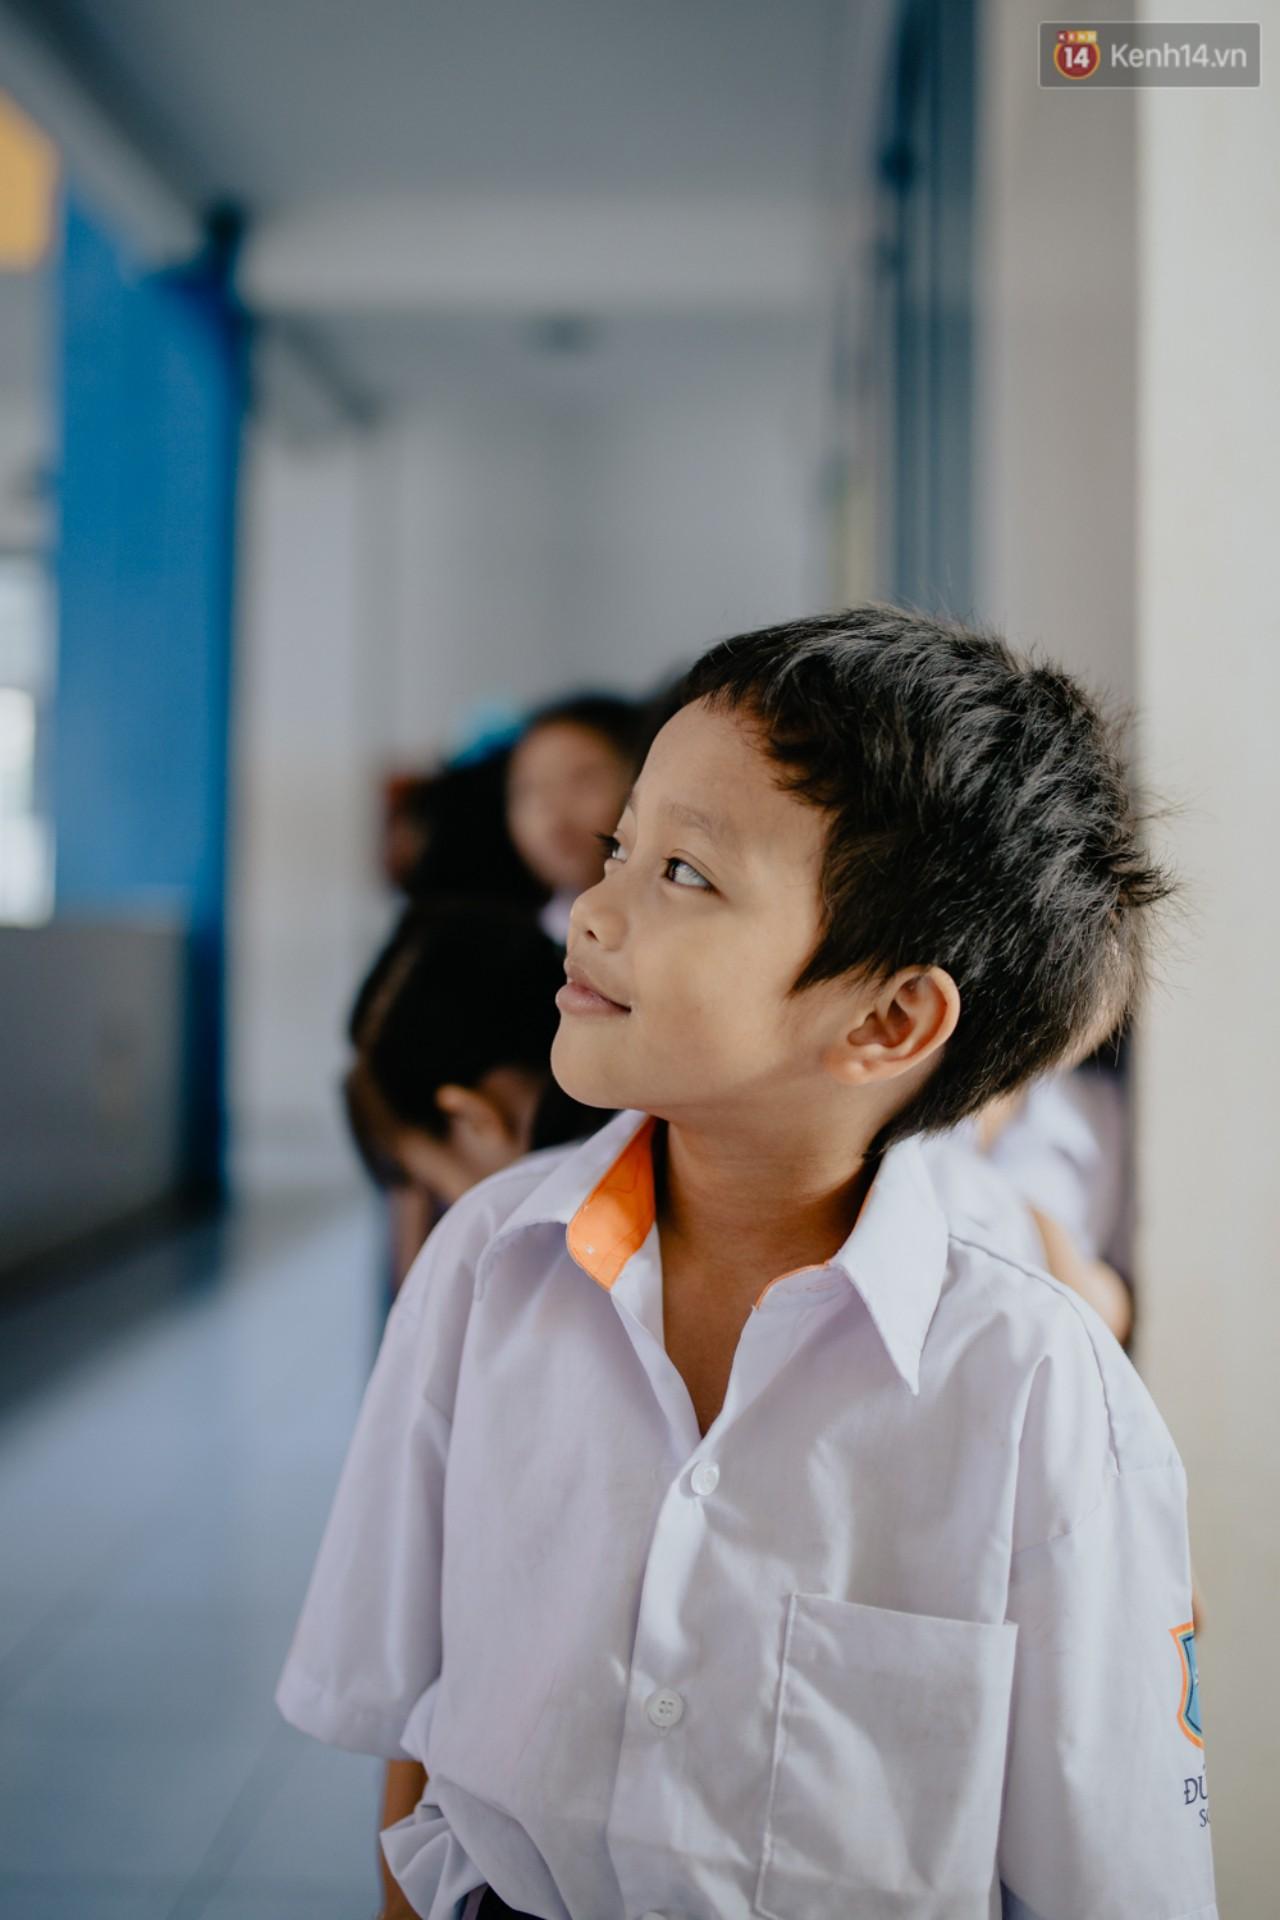 Cậu bé xếp dép ở nhà thờ Đức Bà dự buổi lễ khai giảng đầu đời: Đạt sẽ được đi học miễn phí suốt 12 năm - Ảnh 9.